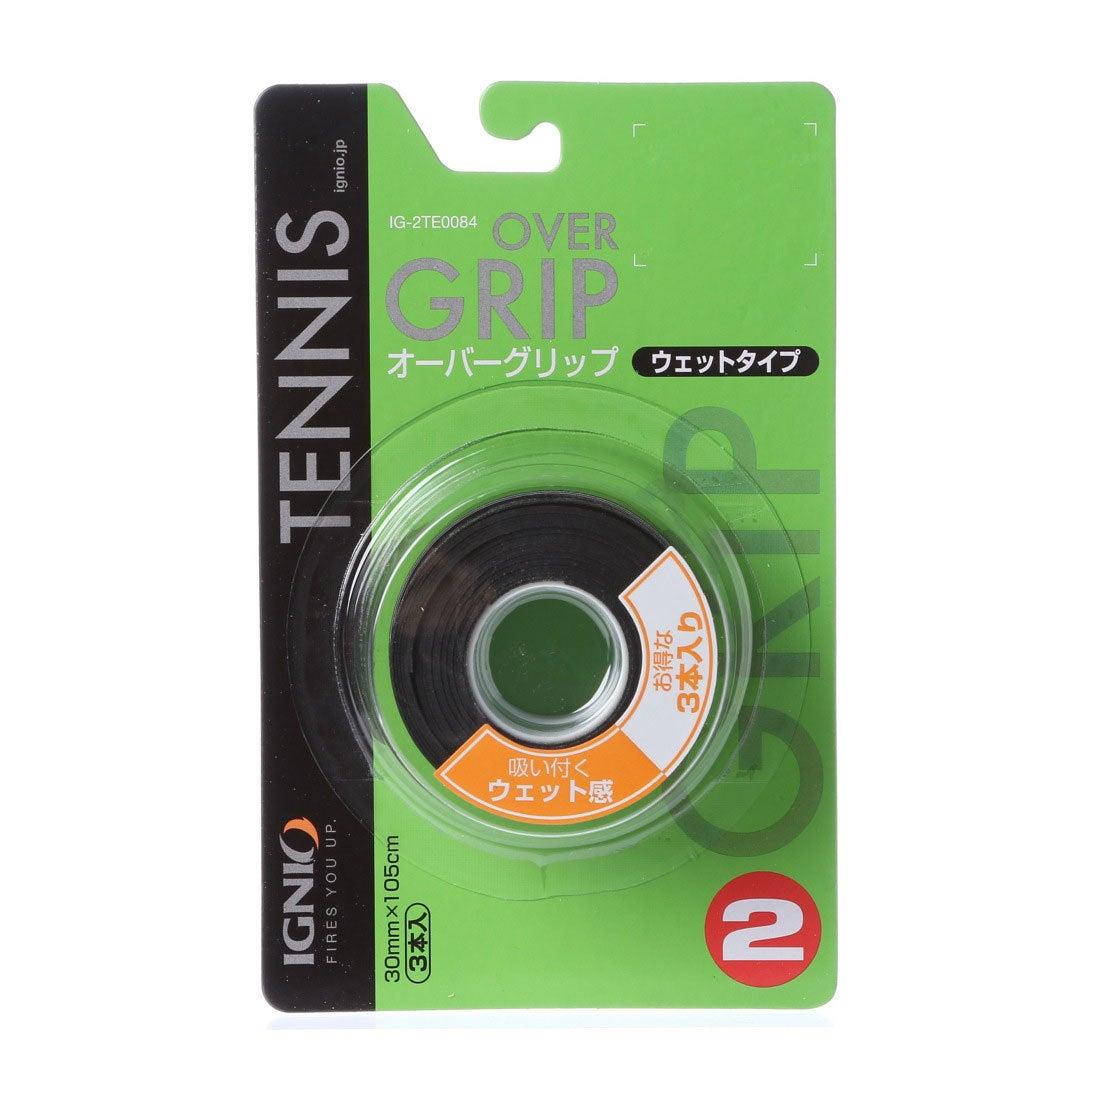 ロコンド 靴とファッションの通販サイトイグニオ IGNIO グリップテープ IG-2TE0084 BK (ブラック)